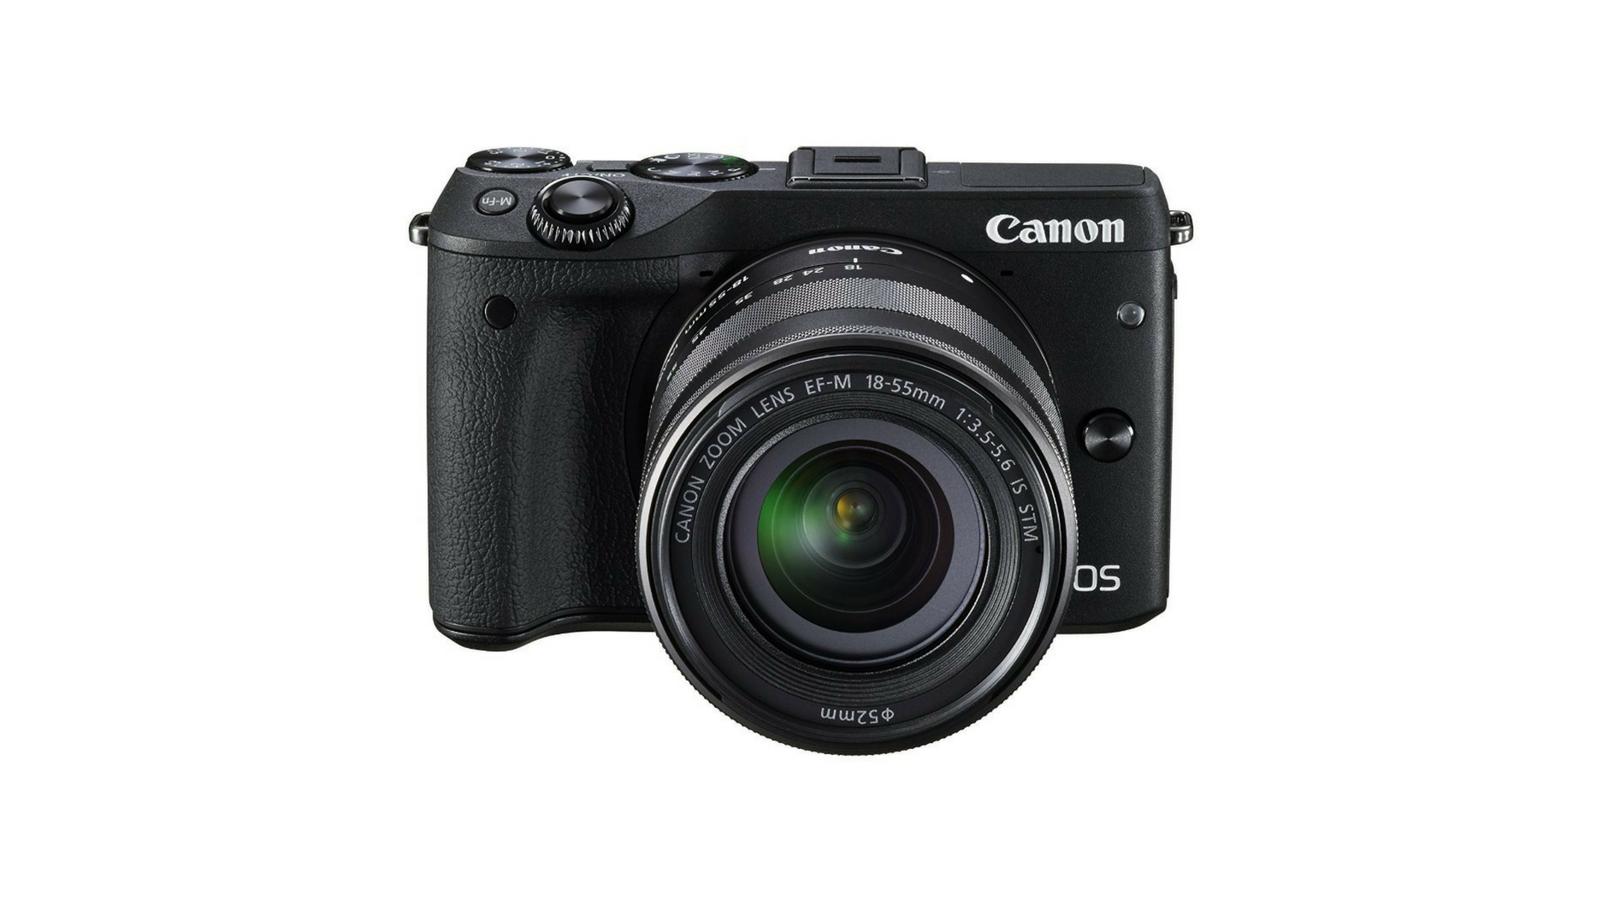 canon compact cameras 2018